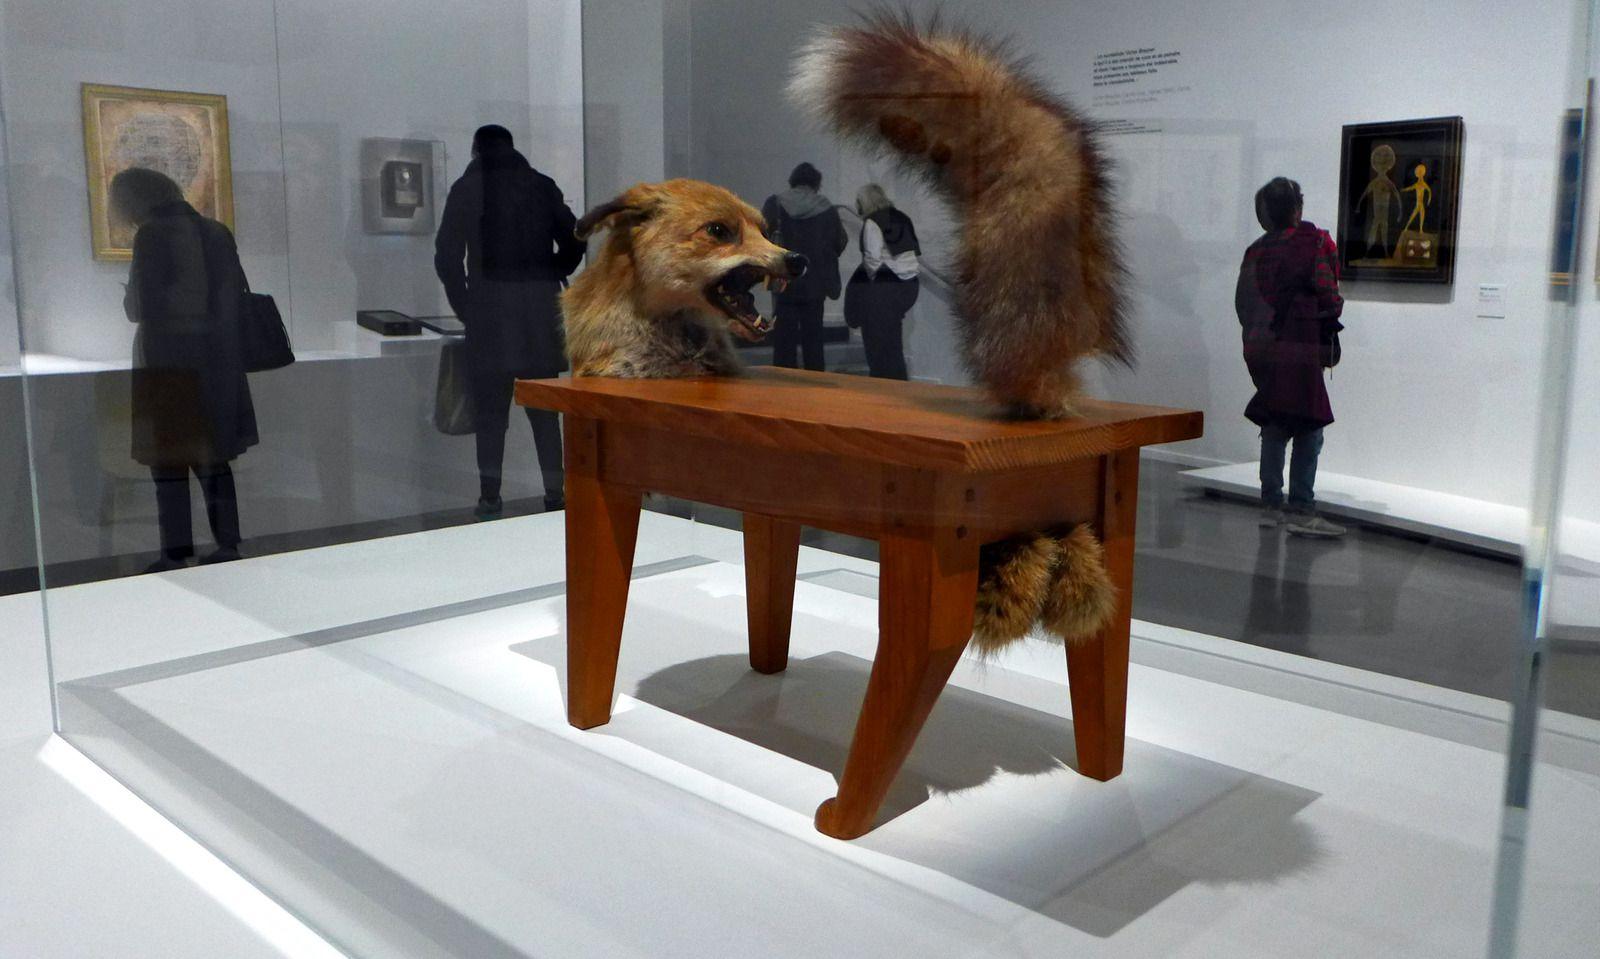 Loup-table, bois et éléments de renard naturalisé, 1939-1947. Centre Pompidou, Paris.